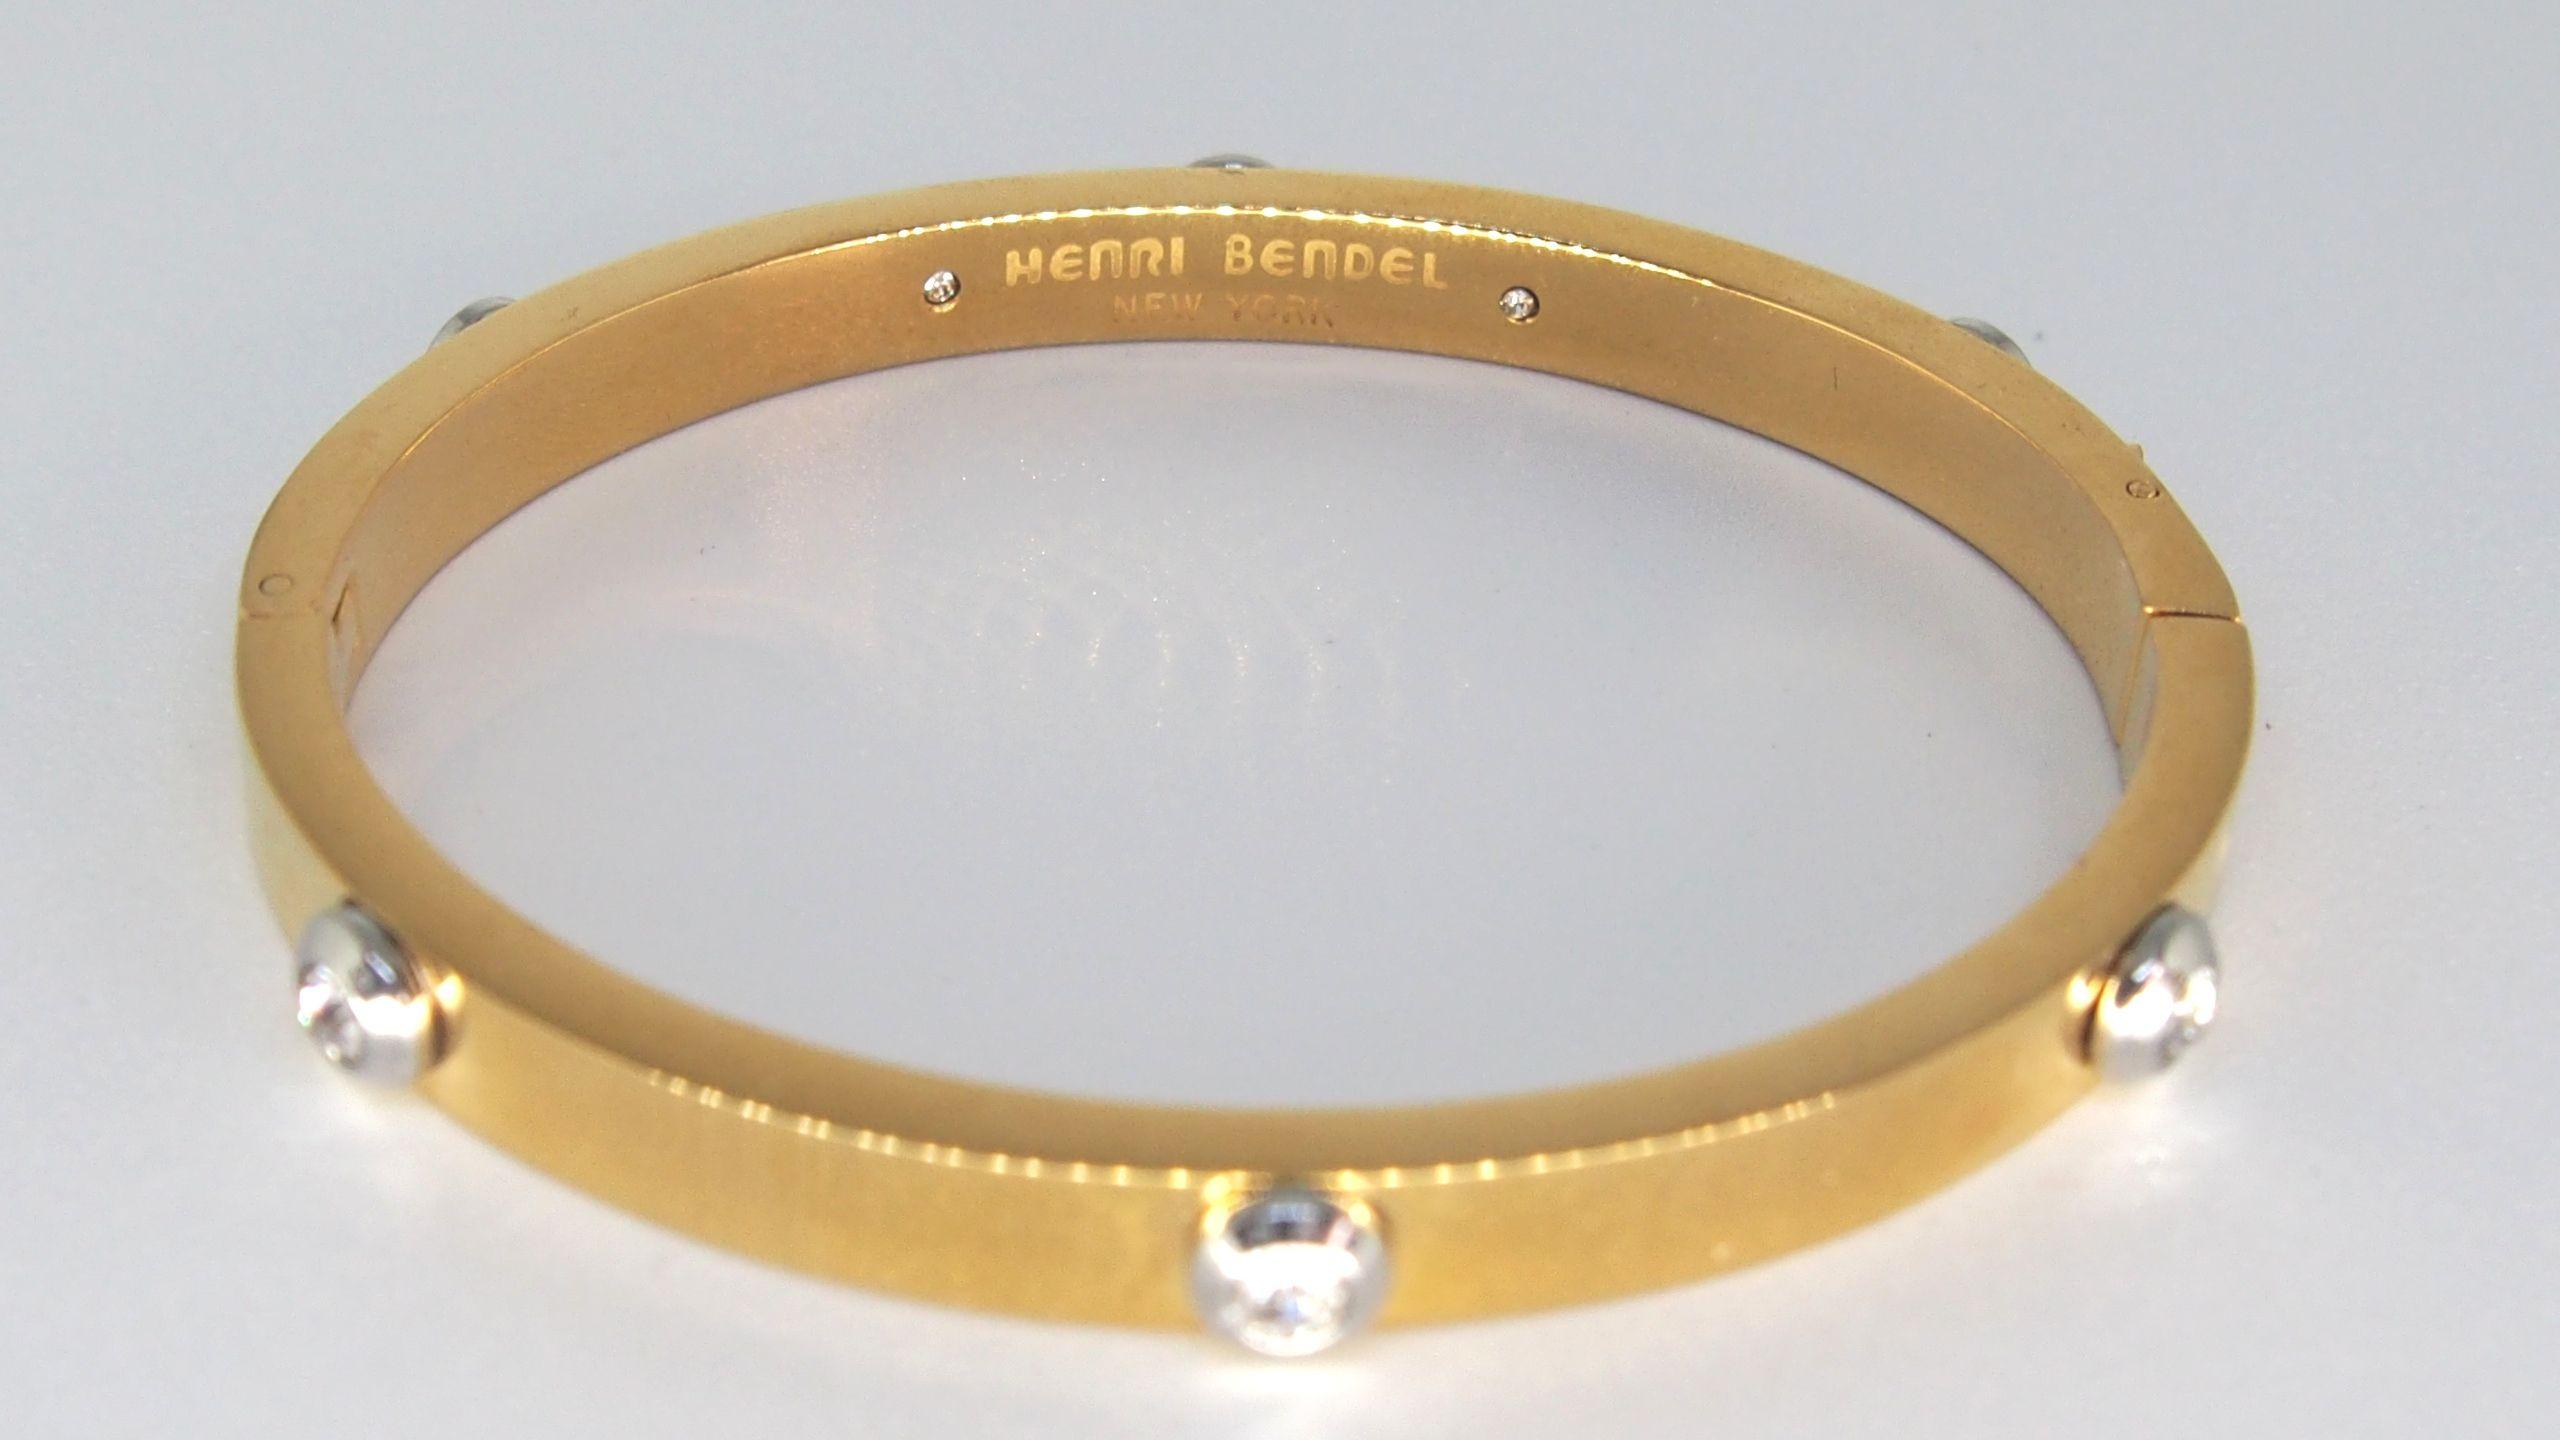 Details About Henri Bendel Miss Bendel Rivet Bangle Bracelet Gold